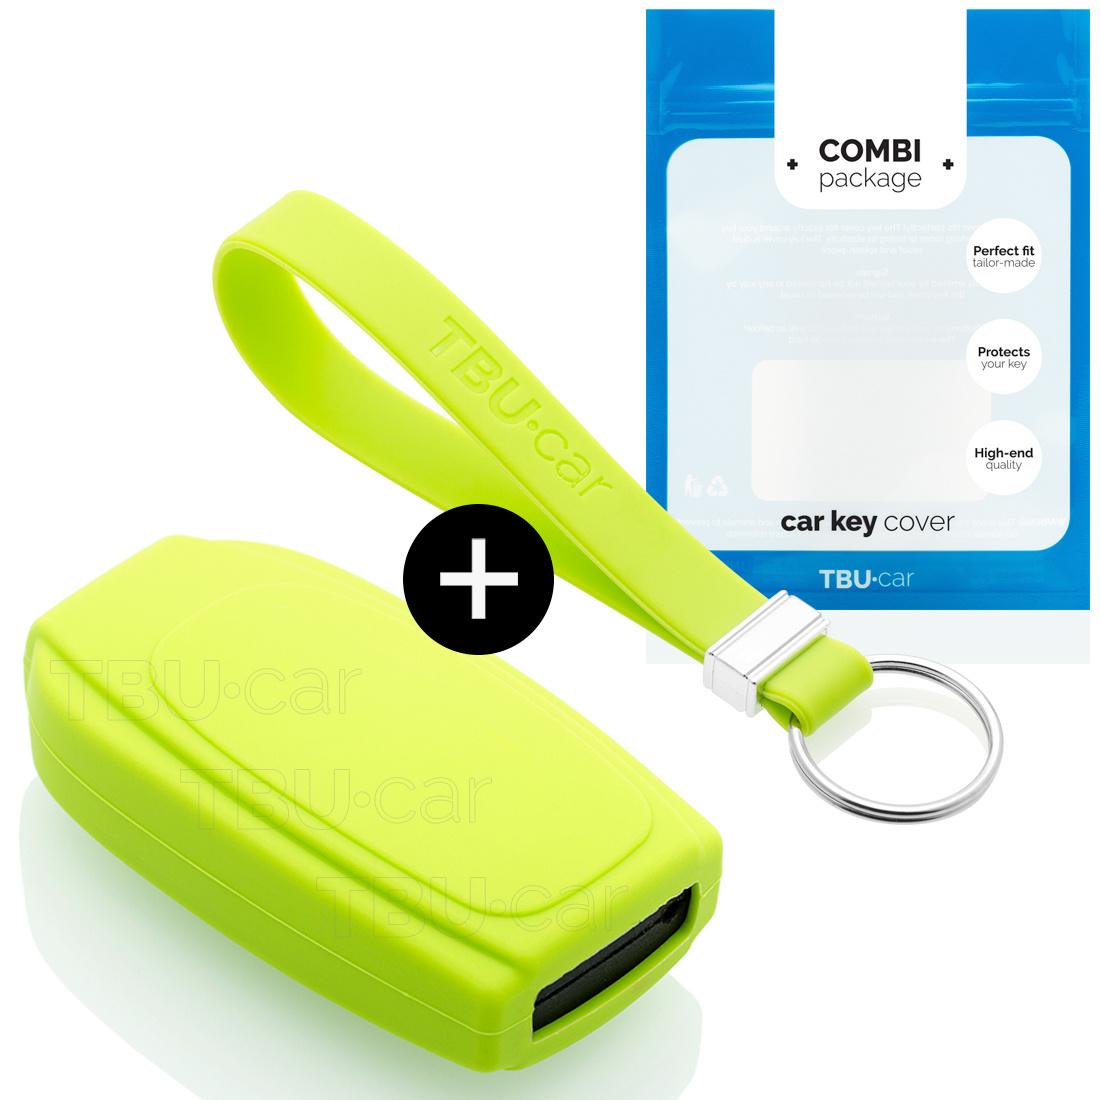 TBU car TBU car Sleutel cover compatibel met Volvo - Silicone sleutelhoesje - beschermhoesje autosleutel - Lime groen